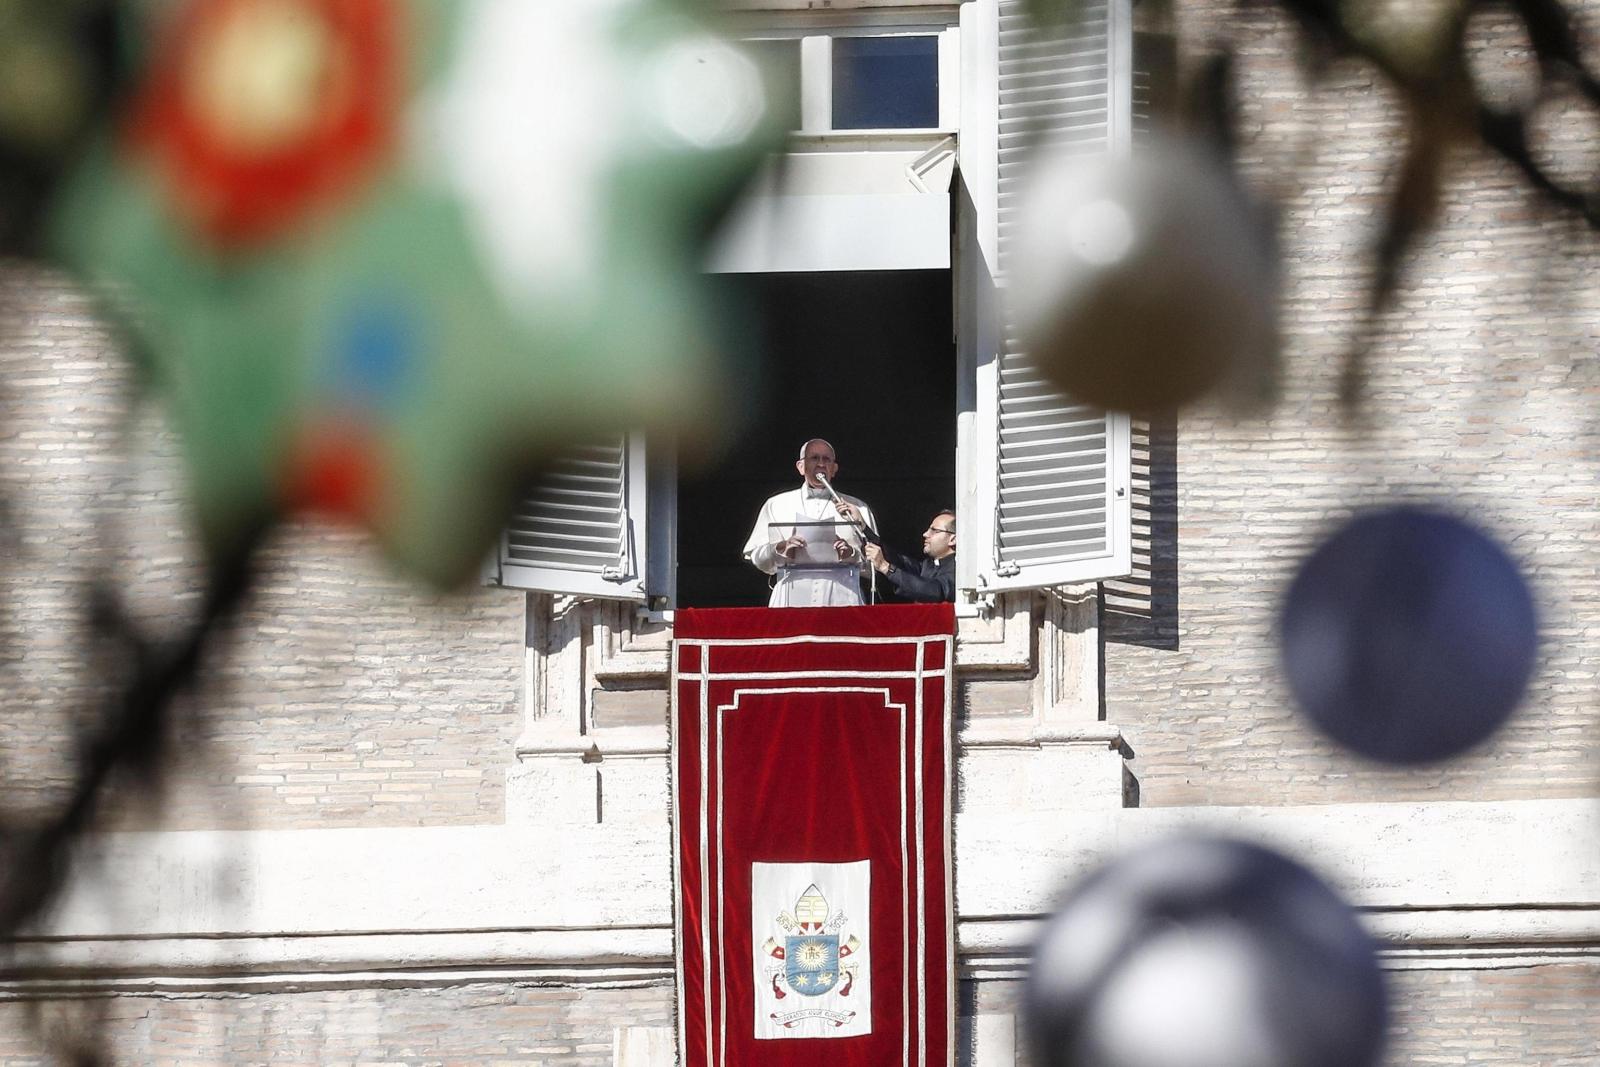 Papież Franciszek podczas modlitwy Anioł Pański. fot. EPA/GIUSEPPE LAMI